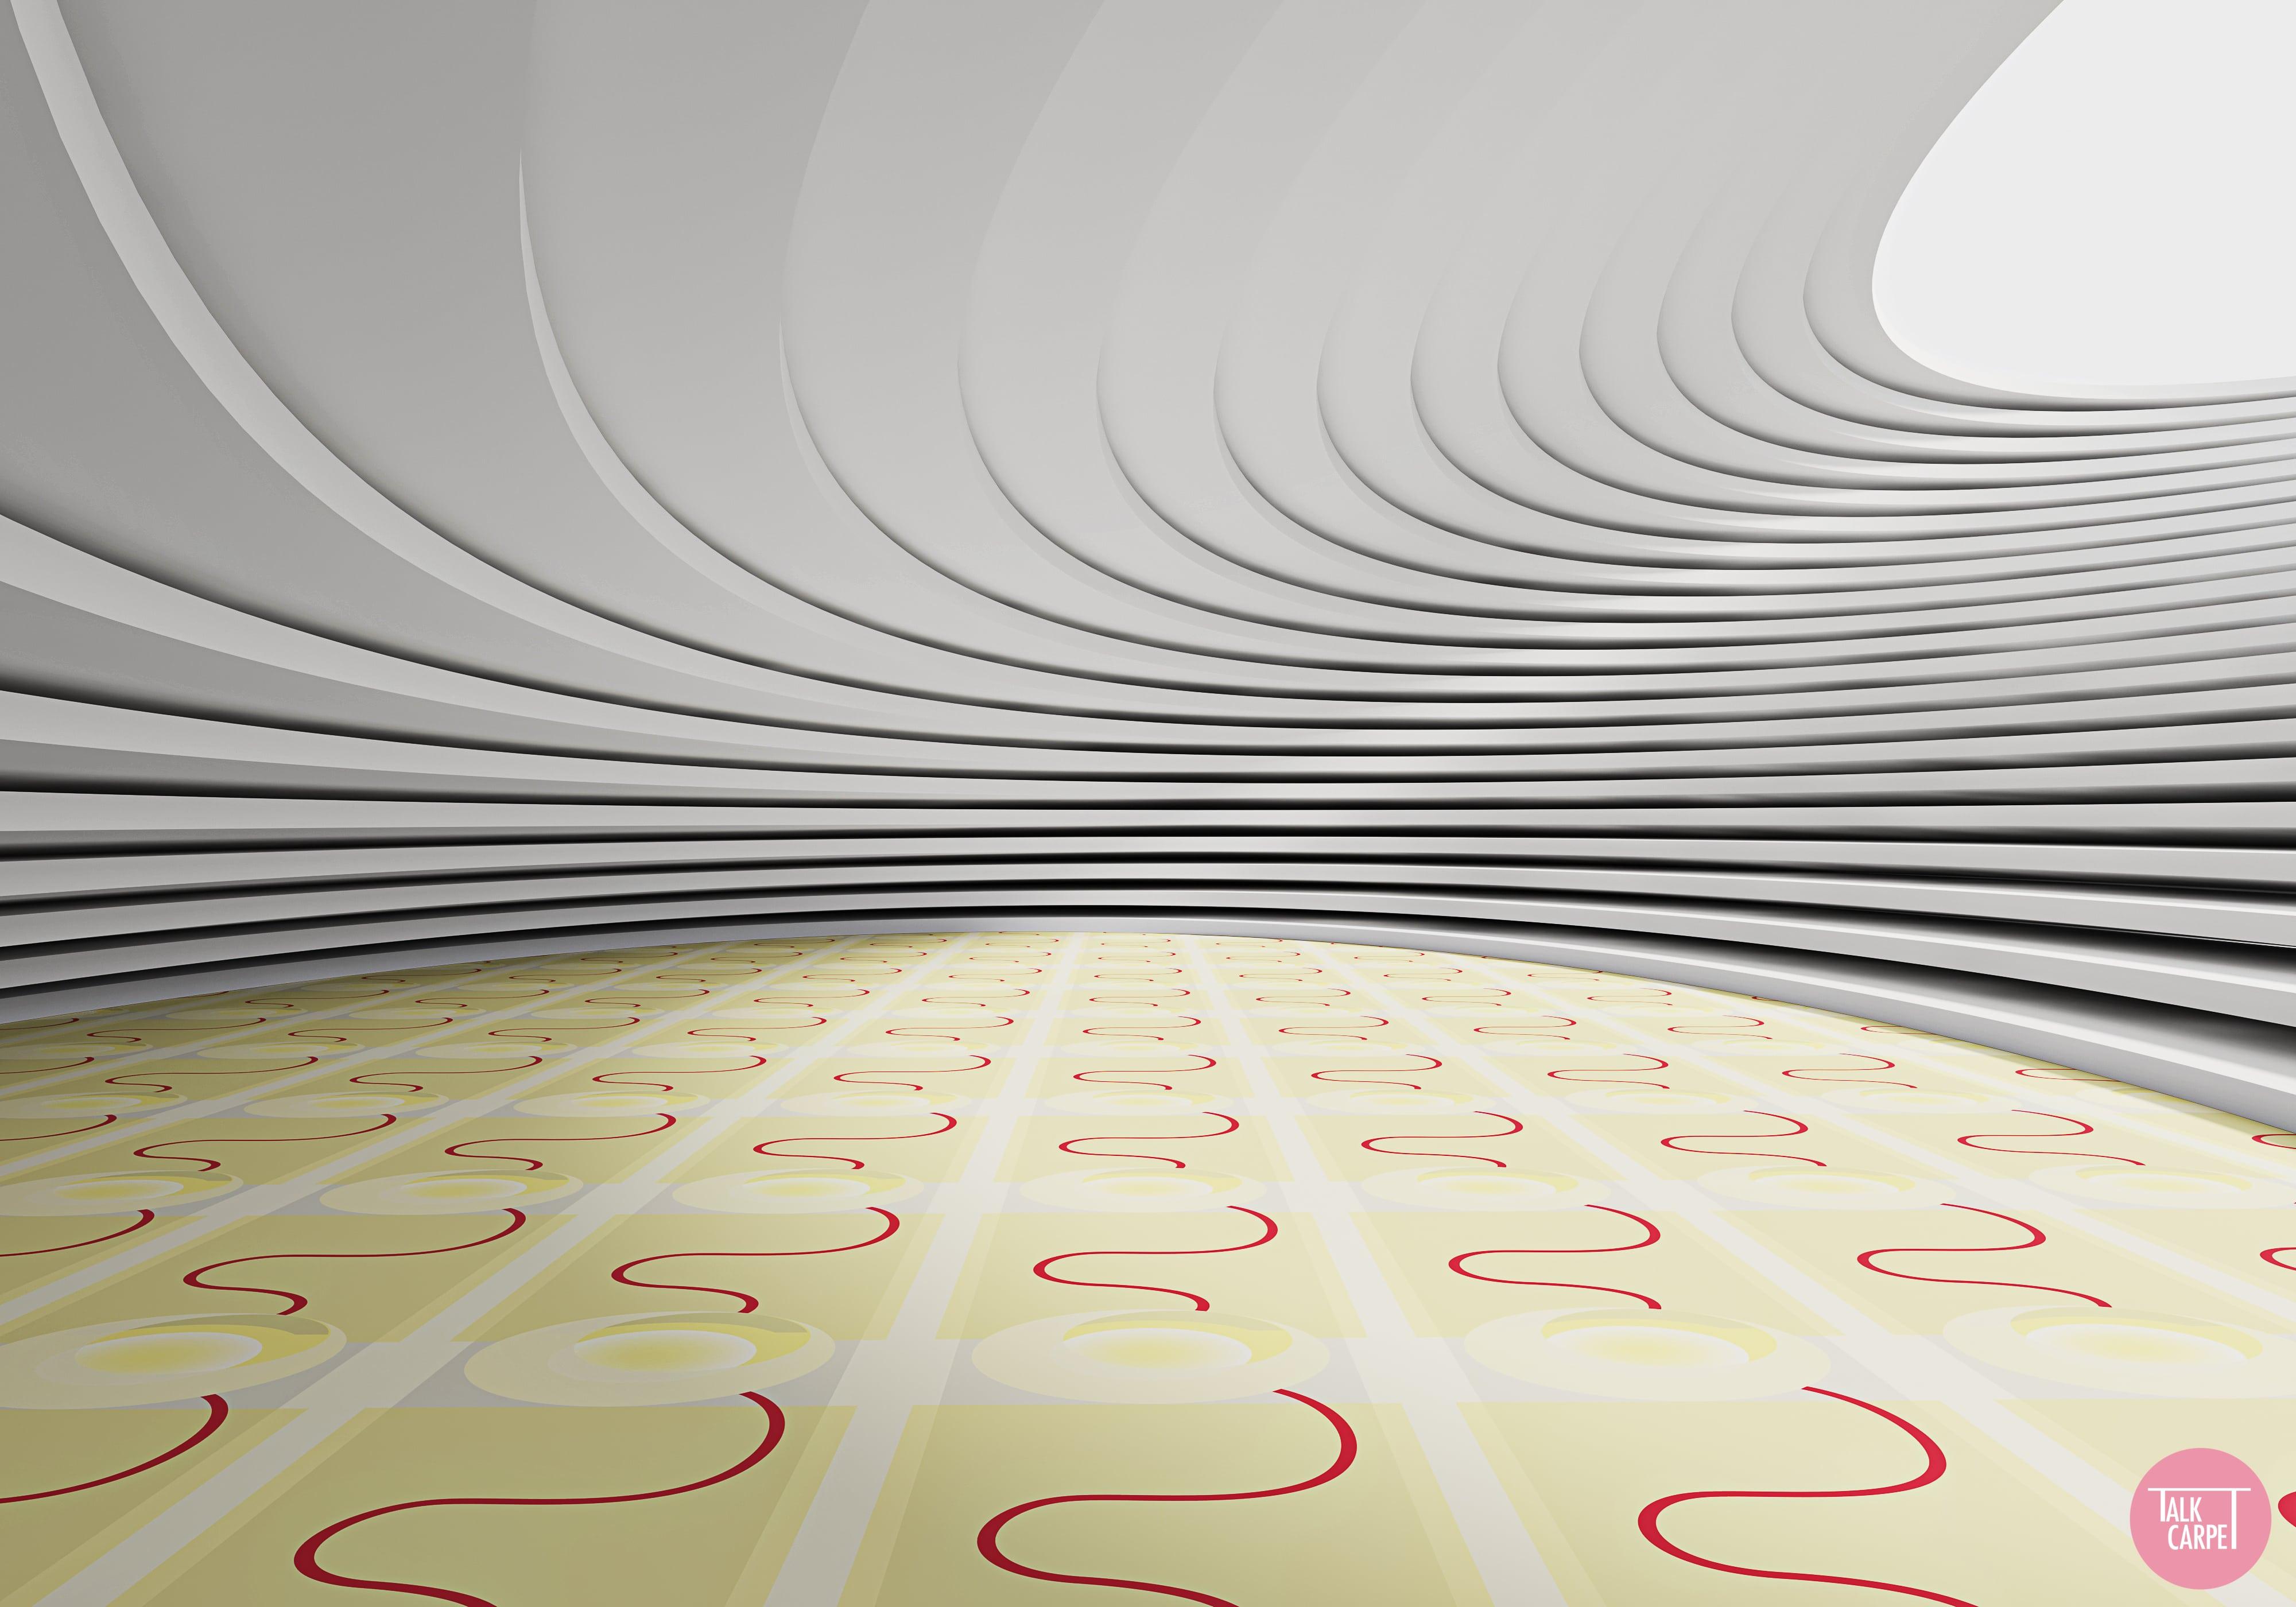 interior design magazine, Talk Carpet Blog